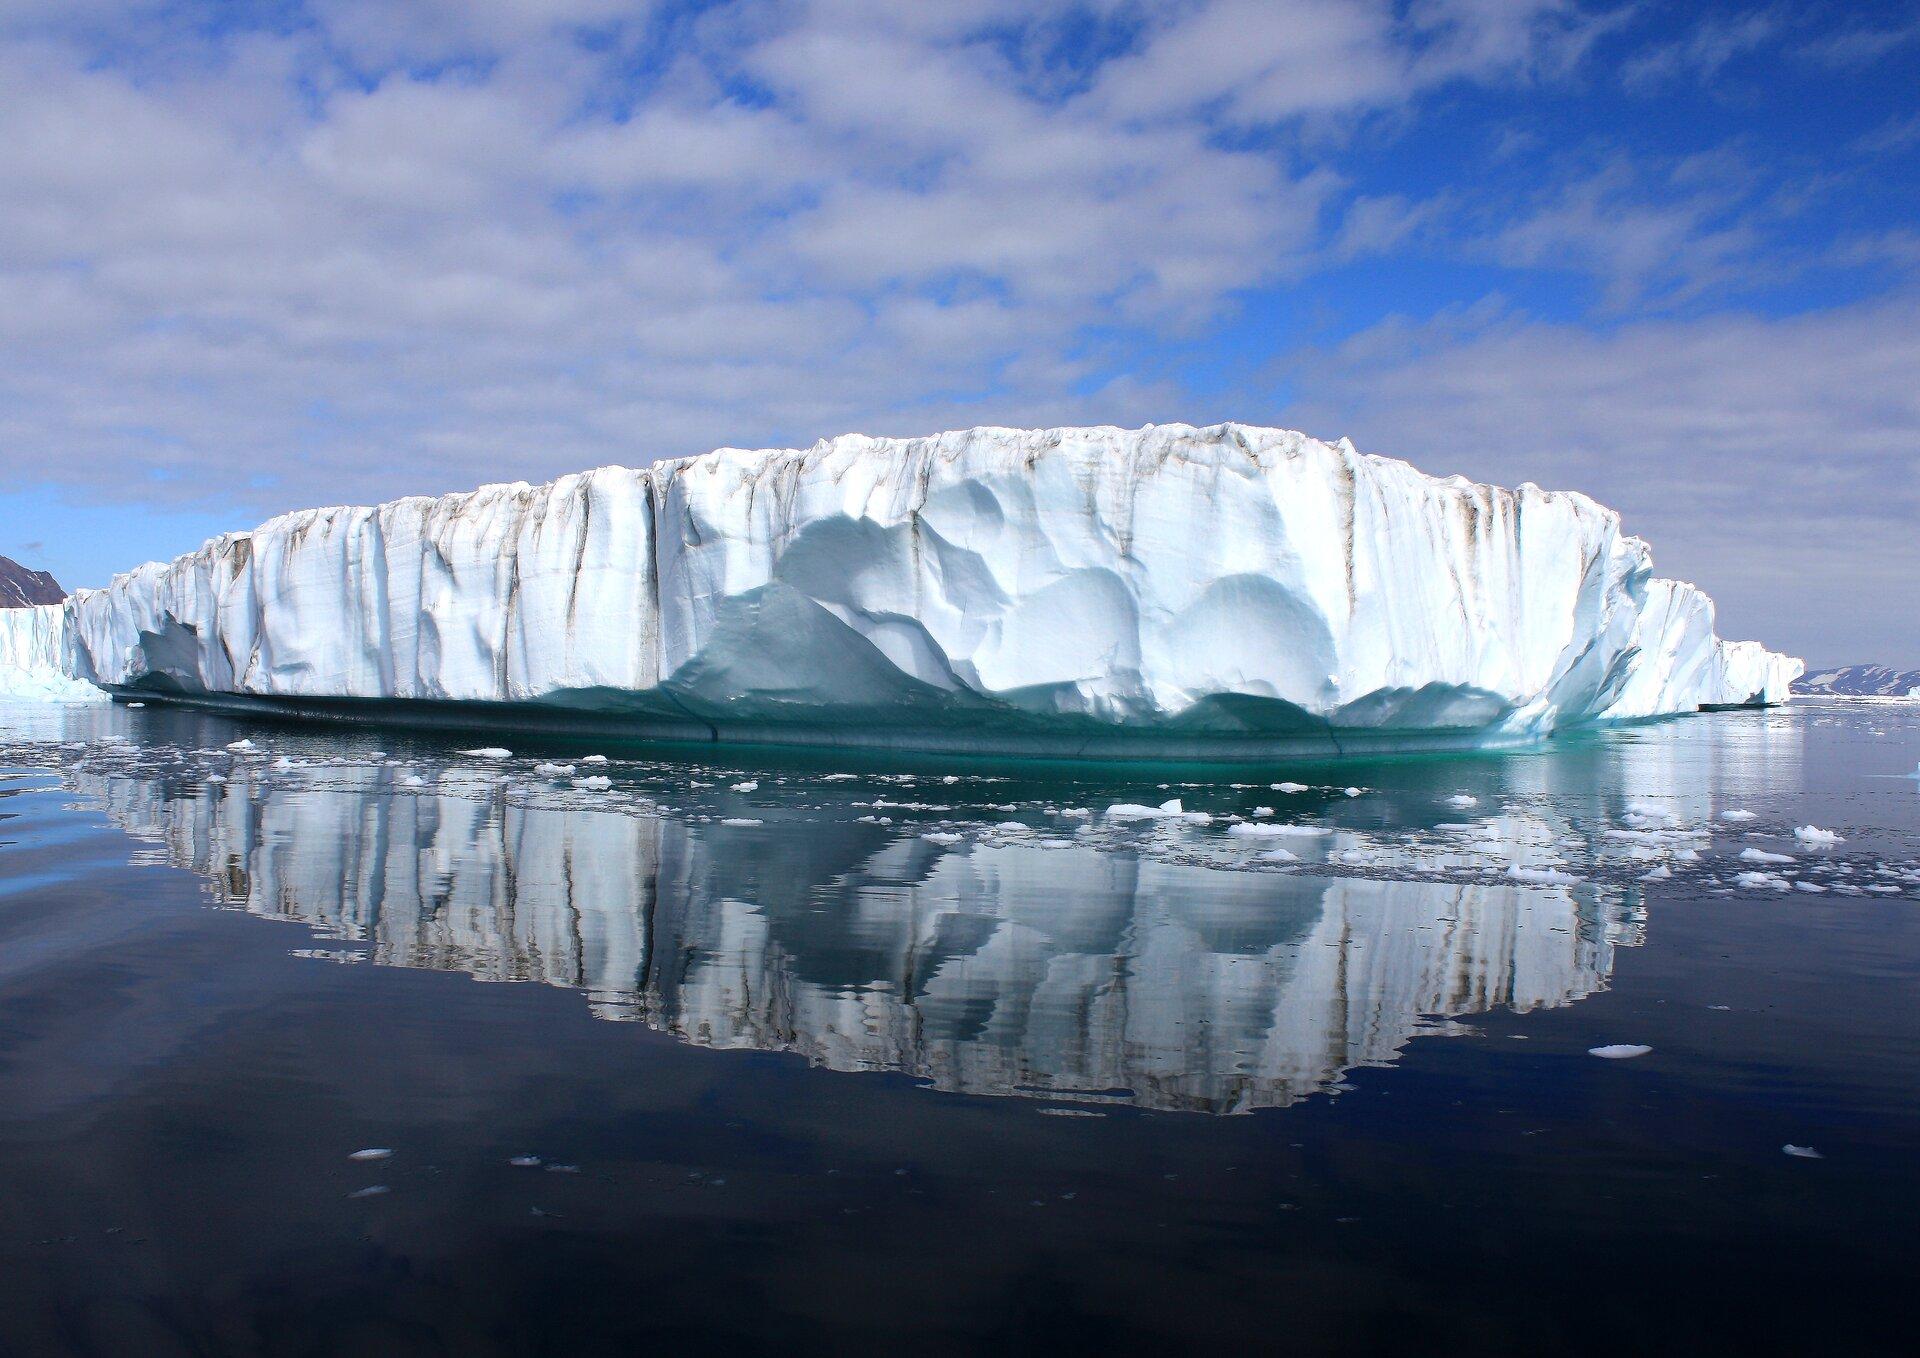 Na zdjęciu zbita masa lodu wwodzie.